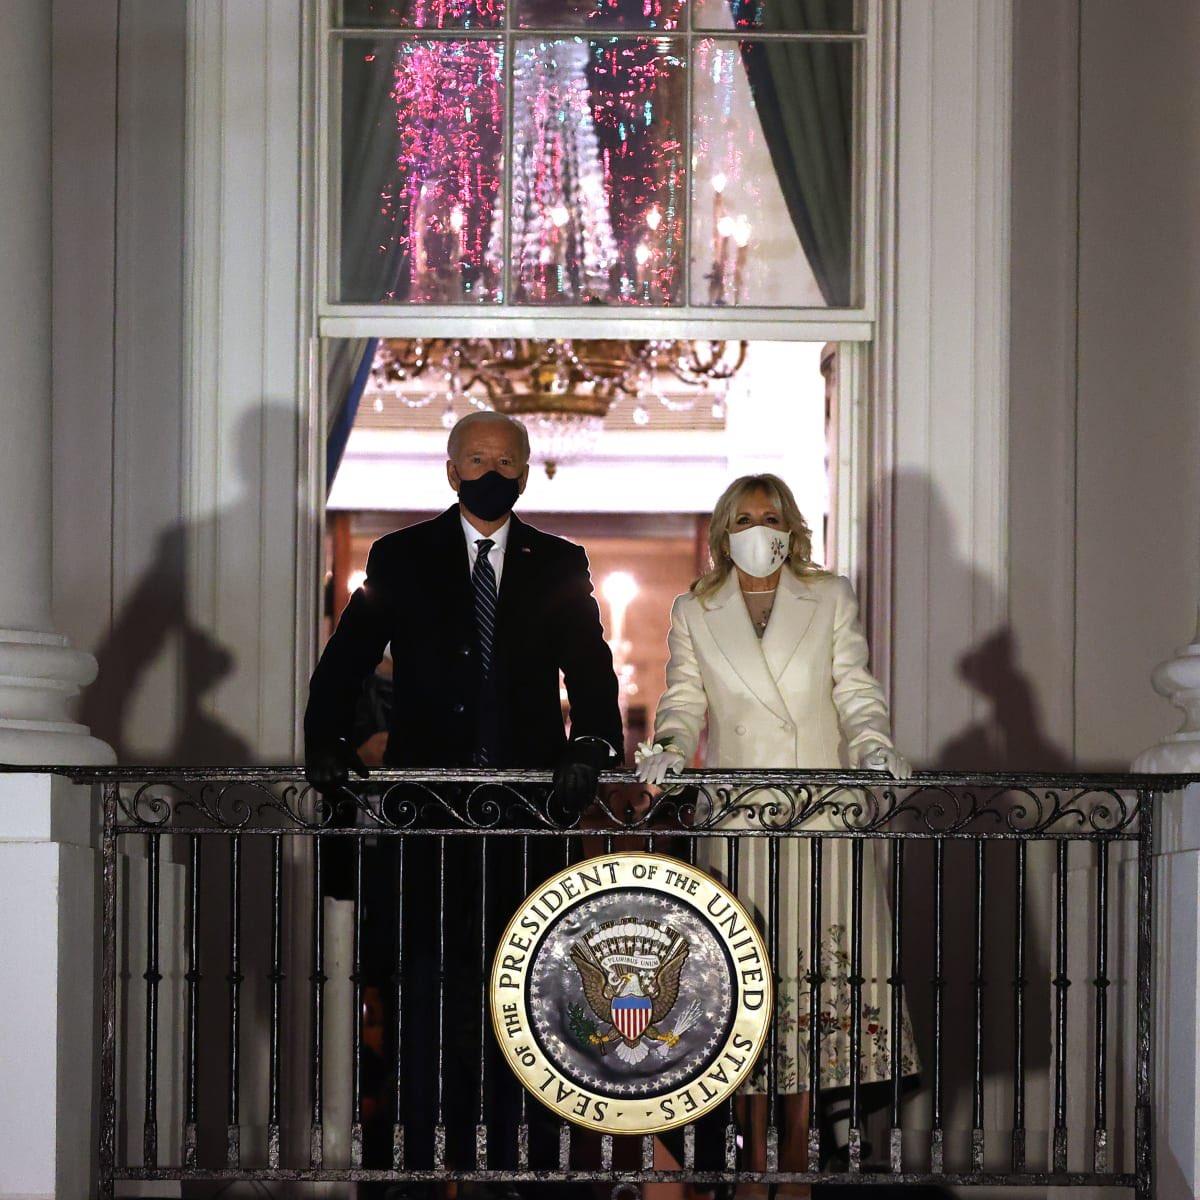 El look final de Jill Biden para el #InaugurationDay fue hecho por Gabrira Hearst, la diseñadora uruguaya que recientemente fue nombrada directora creativa de Chloé.   Su vestido y abrigo representan la unidad, y tienen bordados la flor de cada estado.